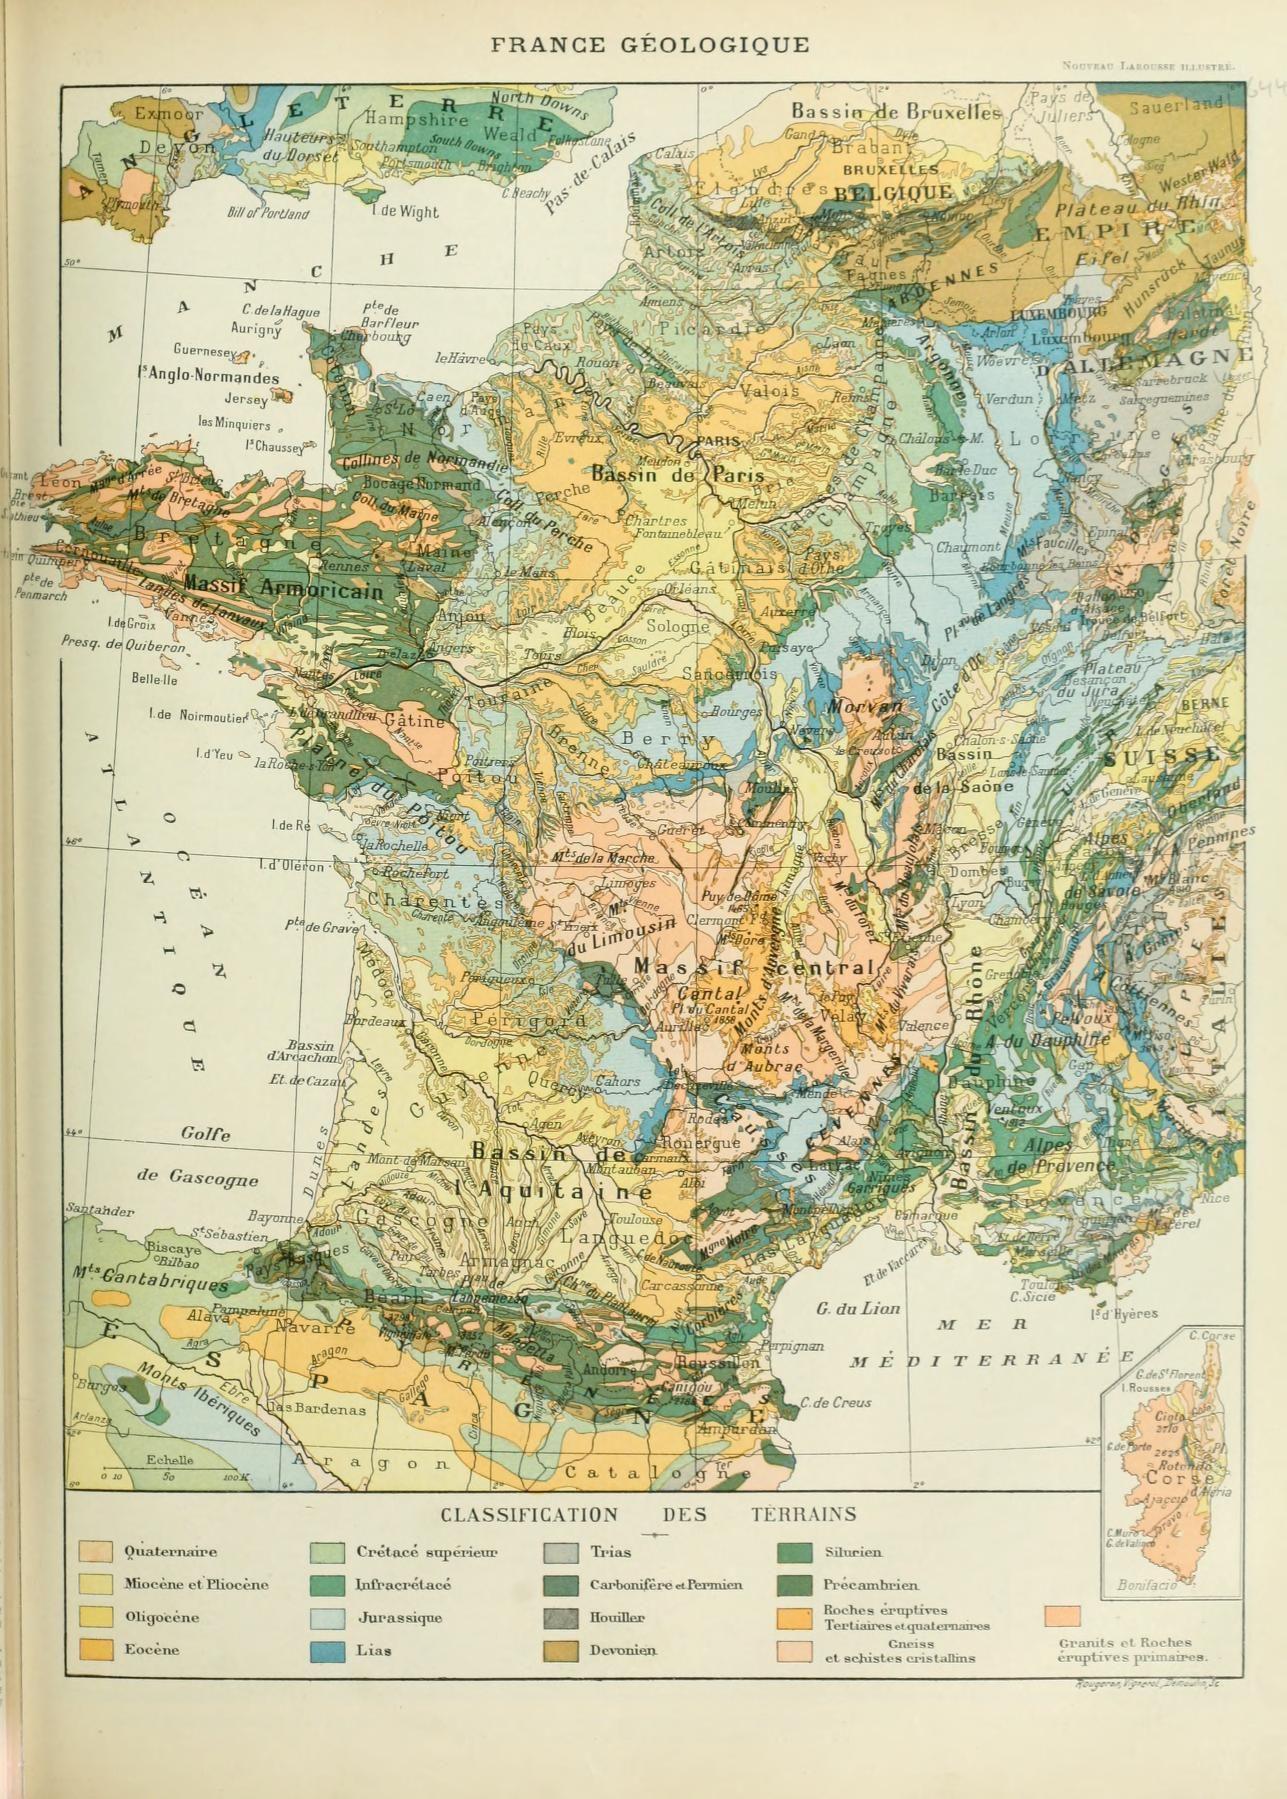 Nouveau Larousse illustré France Géologique Sciences